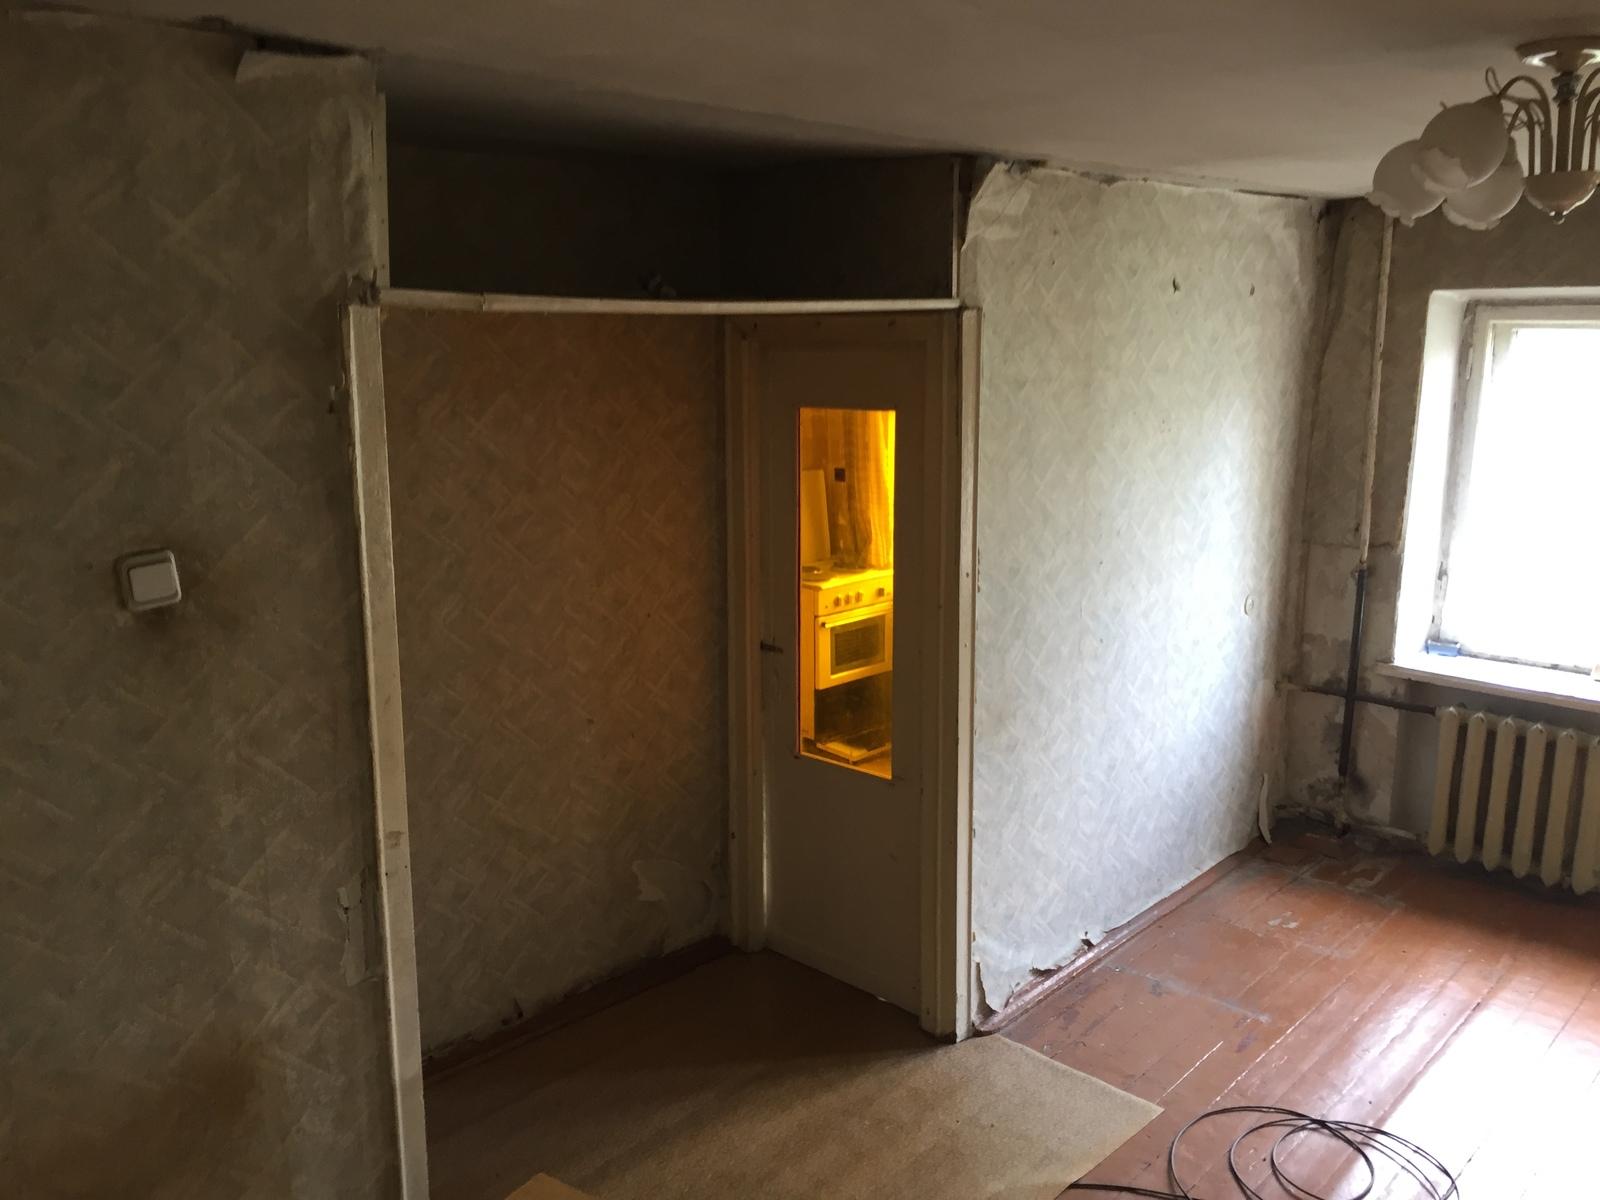 Живу в китае а в россии сделал ремонт квартиры